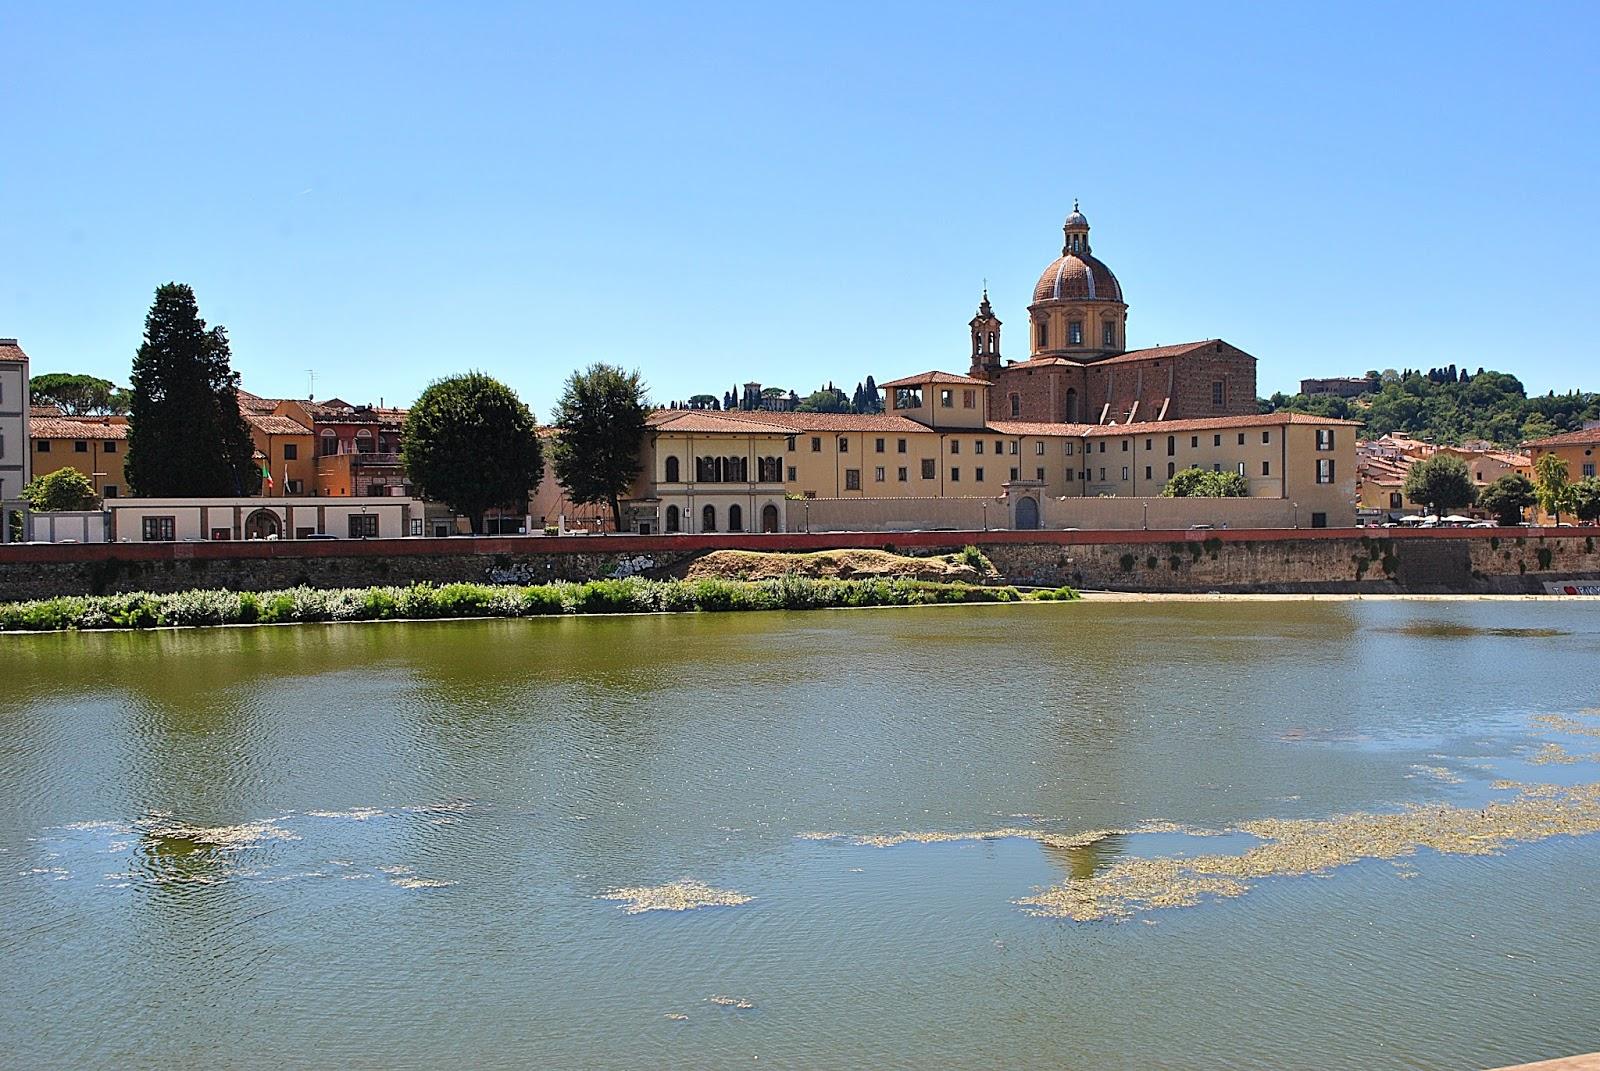 POMYSŁ NA WEEKEND - WYPAD DO WŁOCH - Florencja